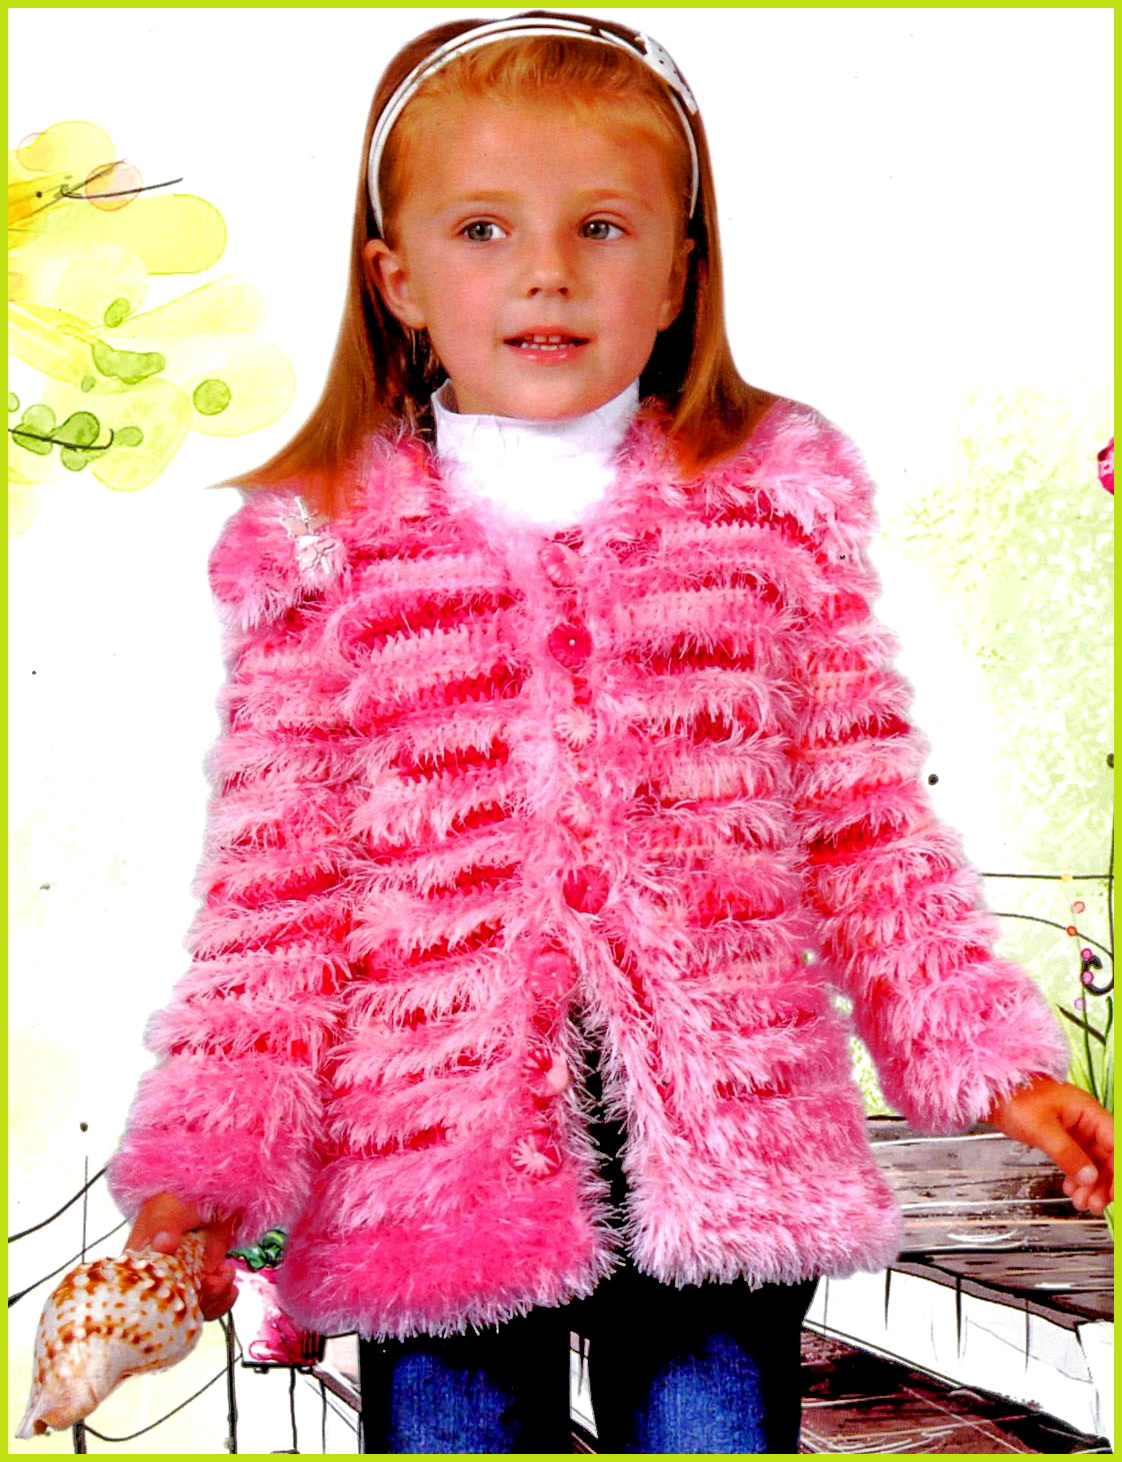 Архив рубрики: Пальто, куртки вязаные. 22. Сен. Ну вот и ещё одно тепленькое и уютное вязаное детское пальто на